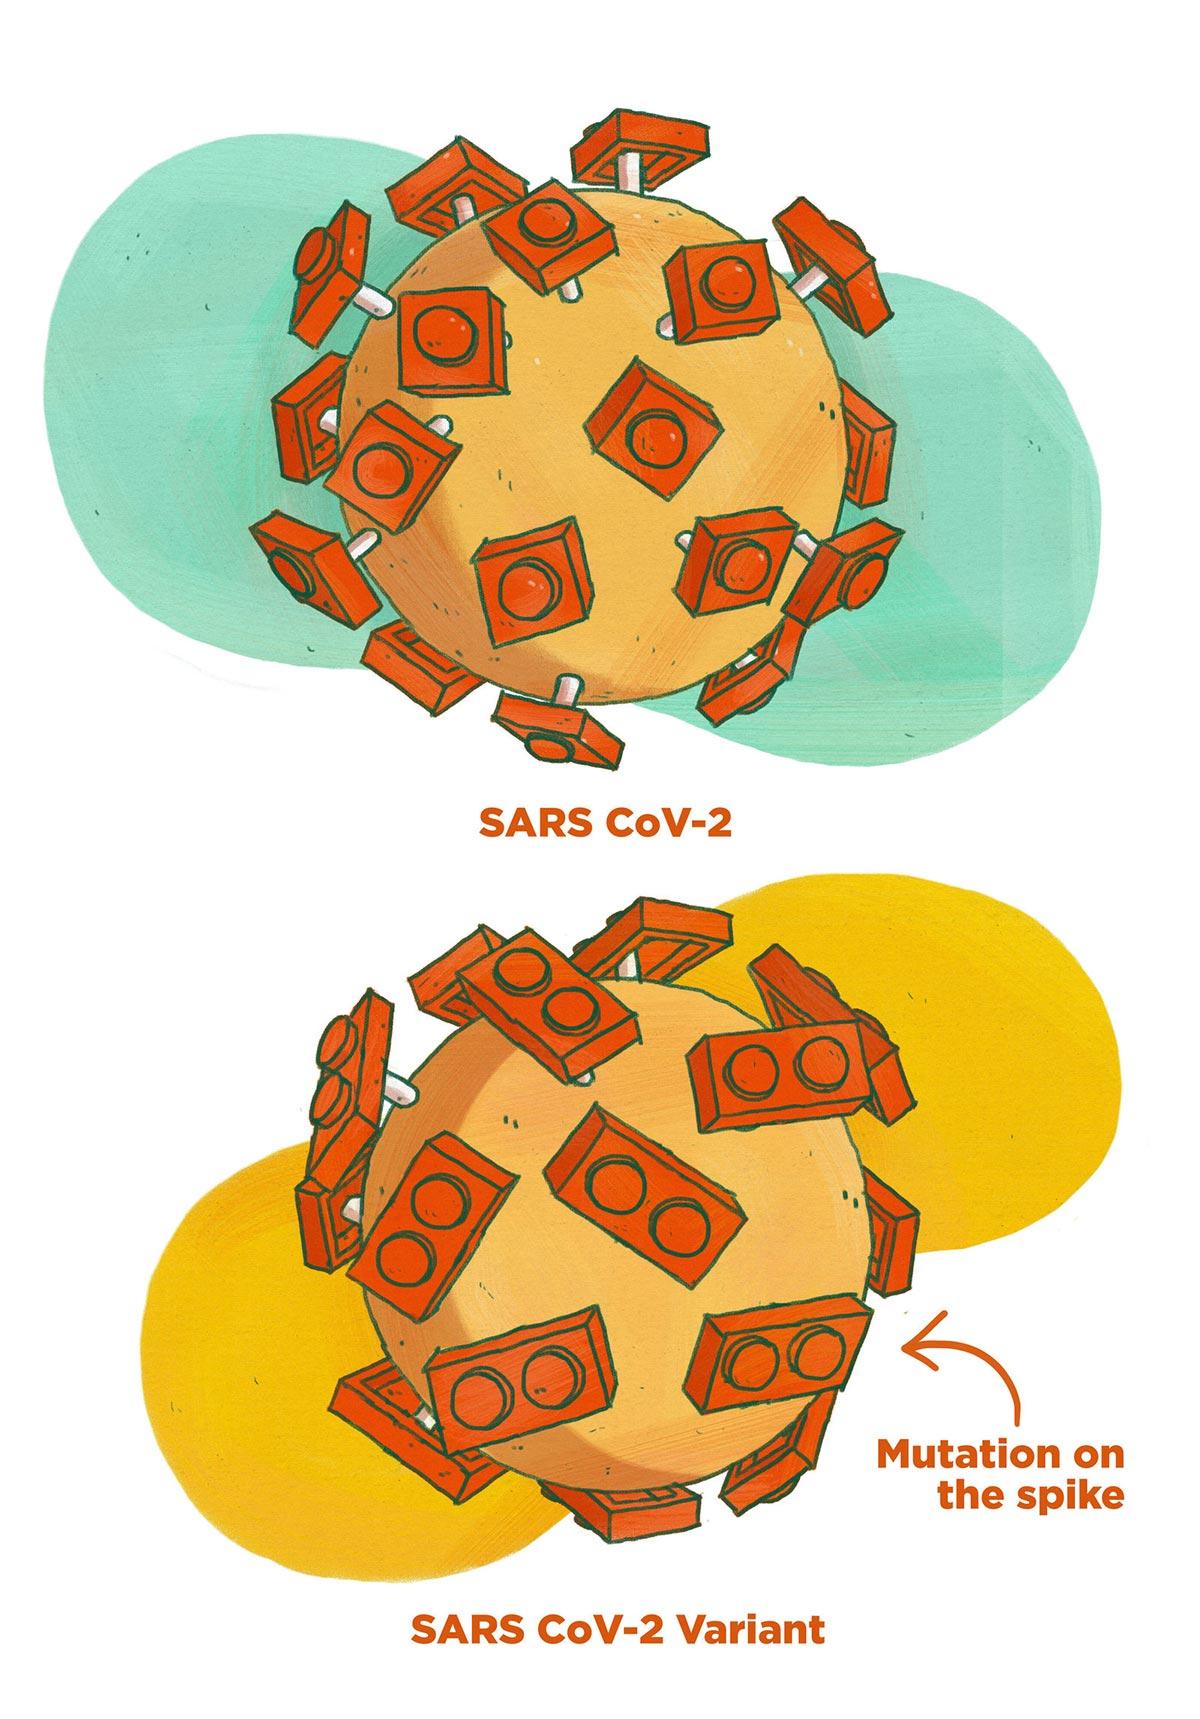 Le varianti di SARS-CoV-2 disegnate da Meredith Miotke